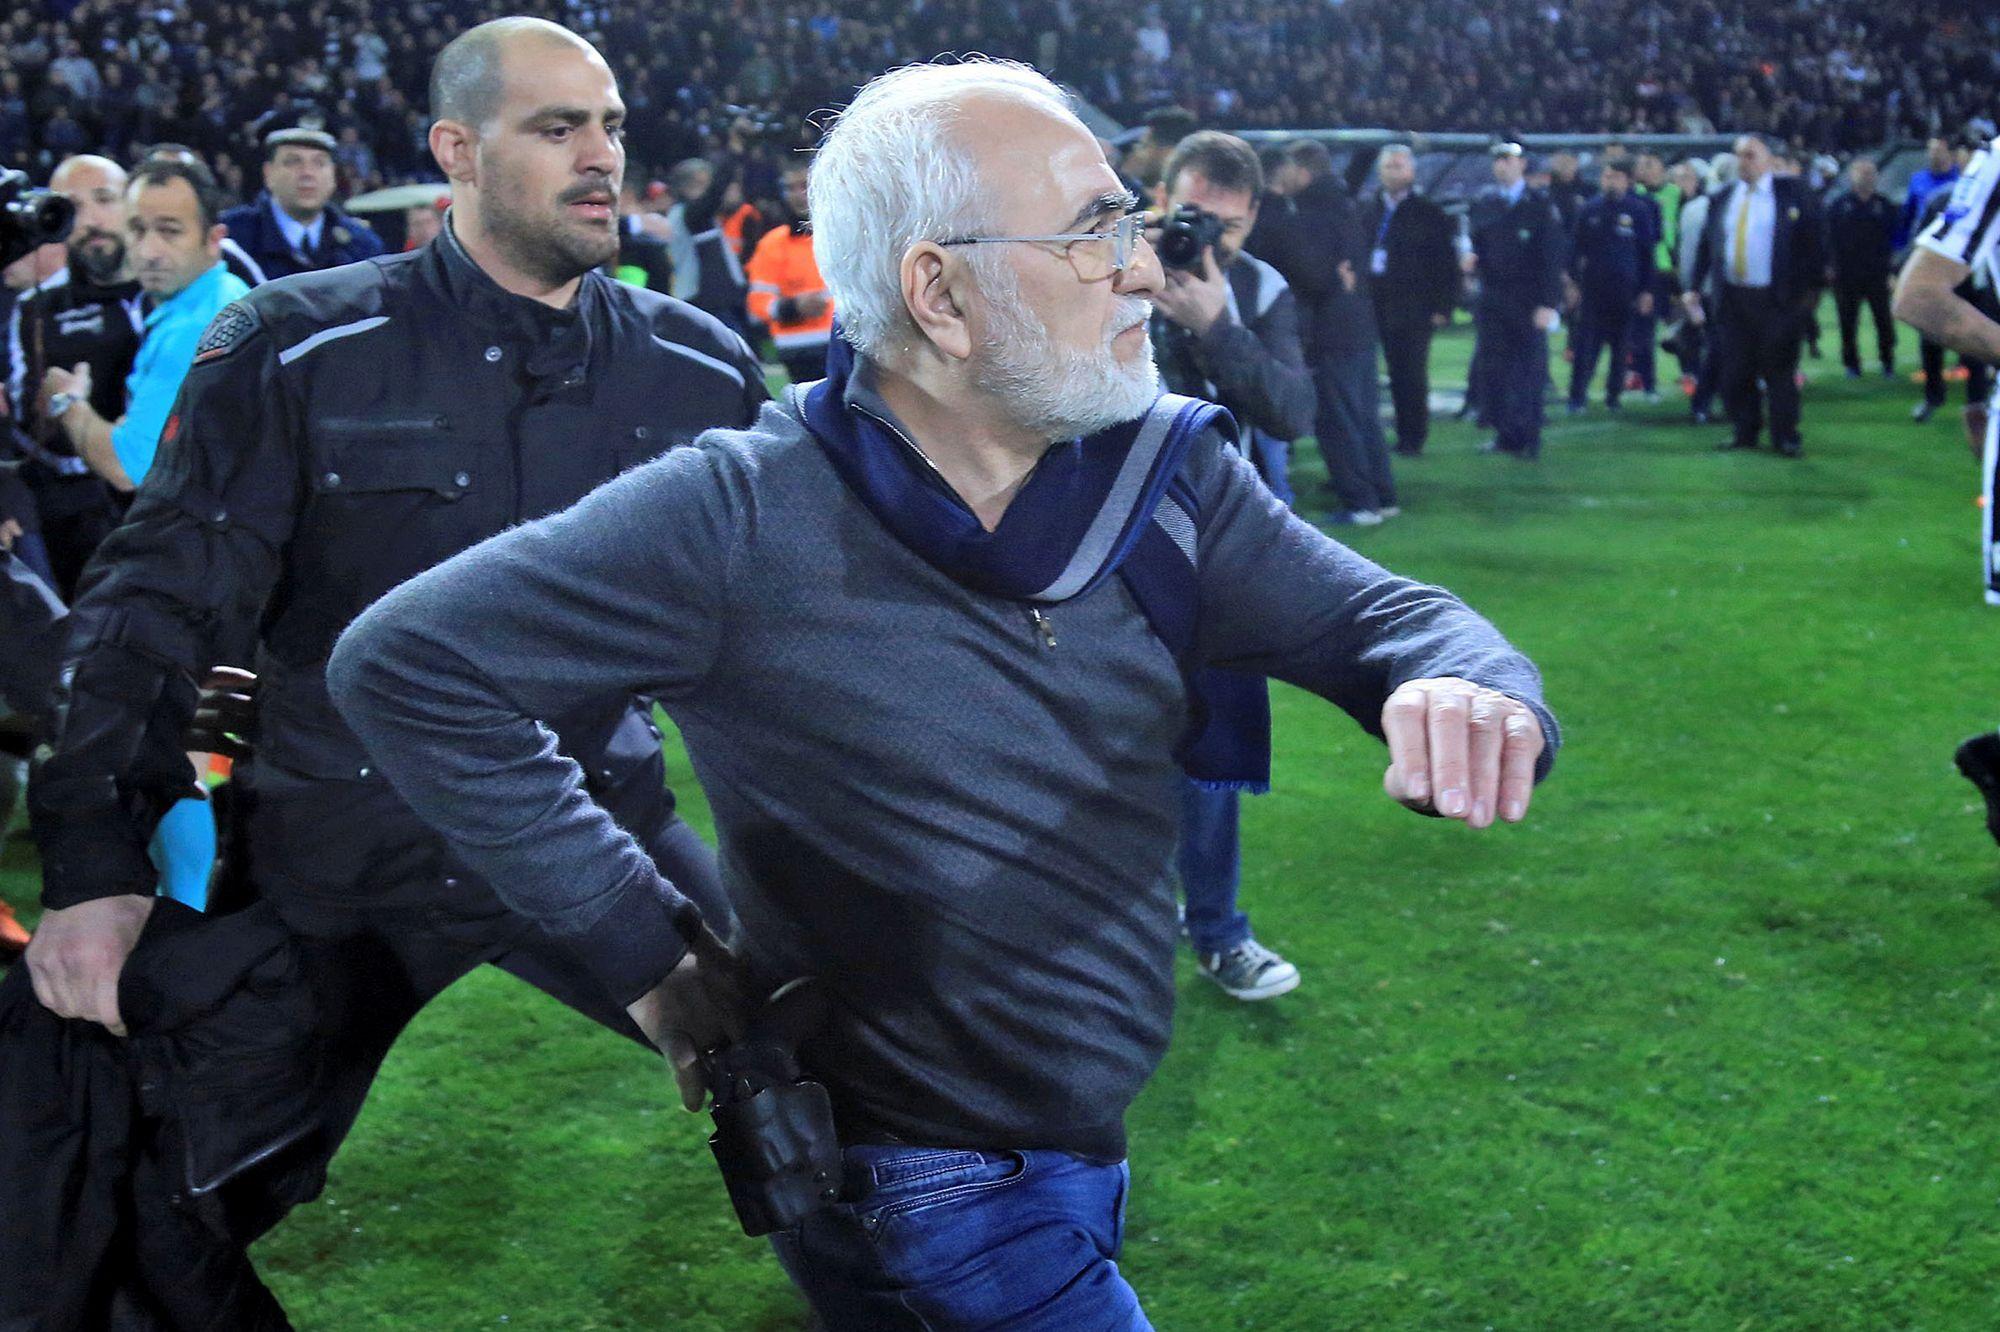 Il était entré armé sur le terrain : le président du PAOK Salonique s'excuse